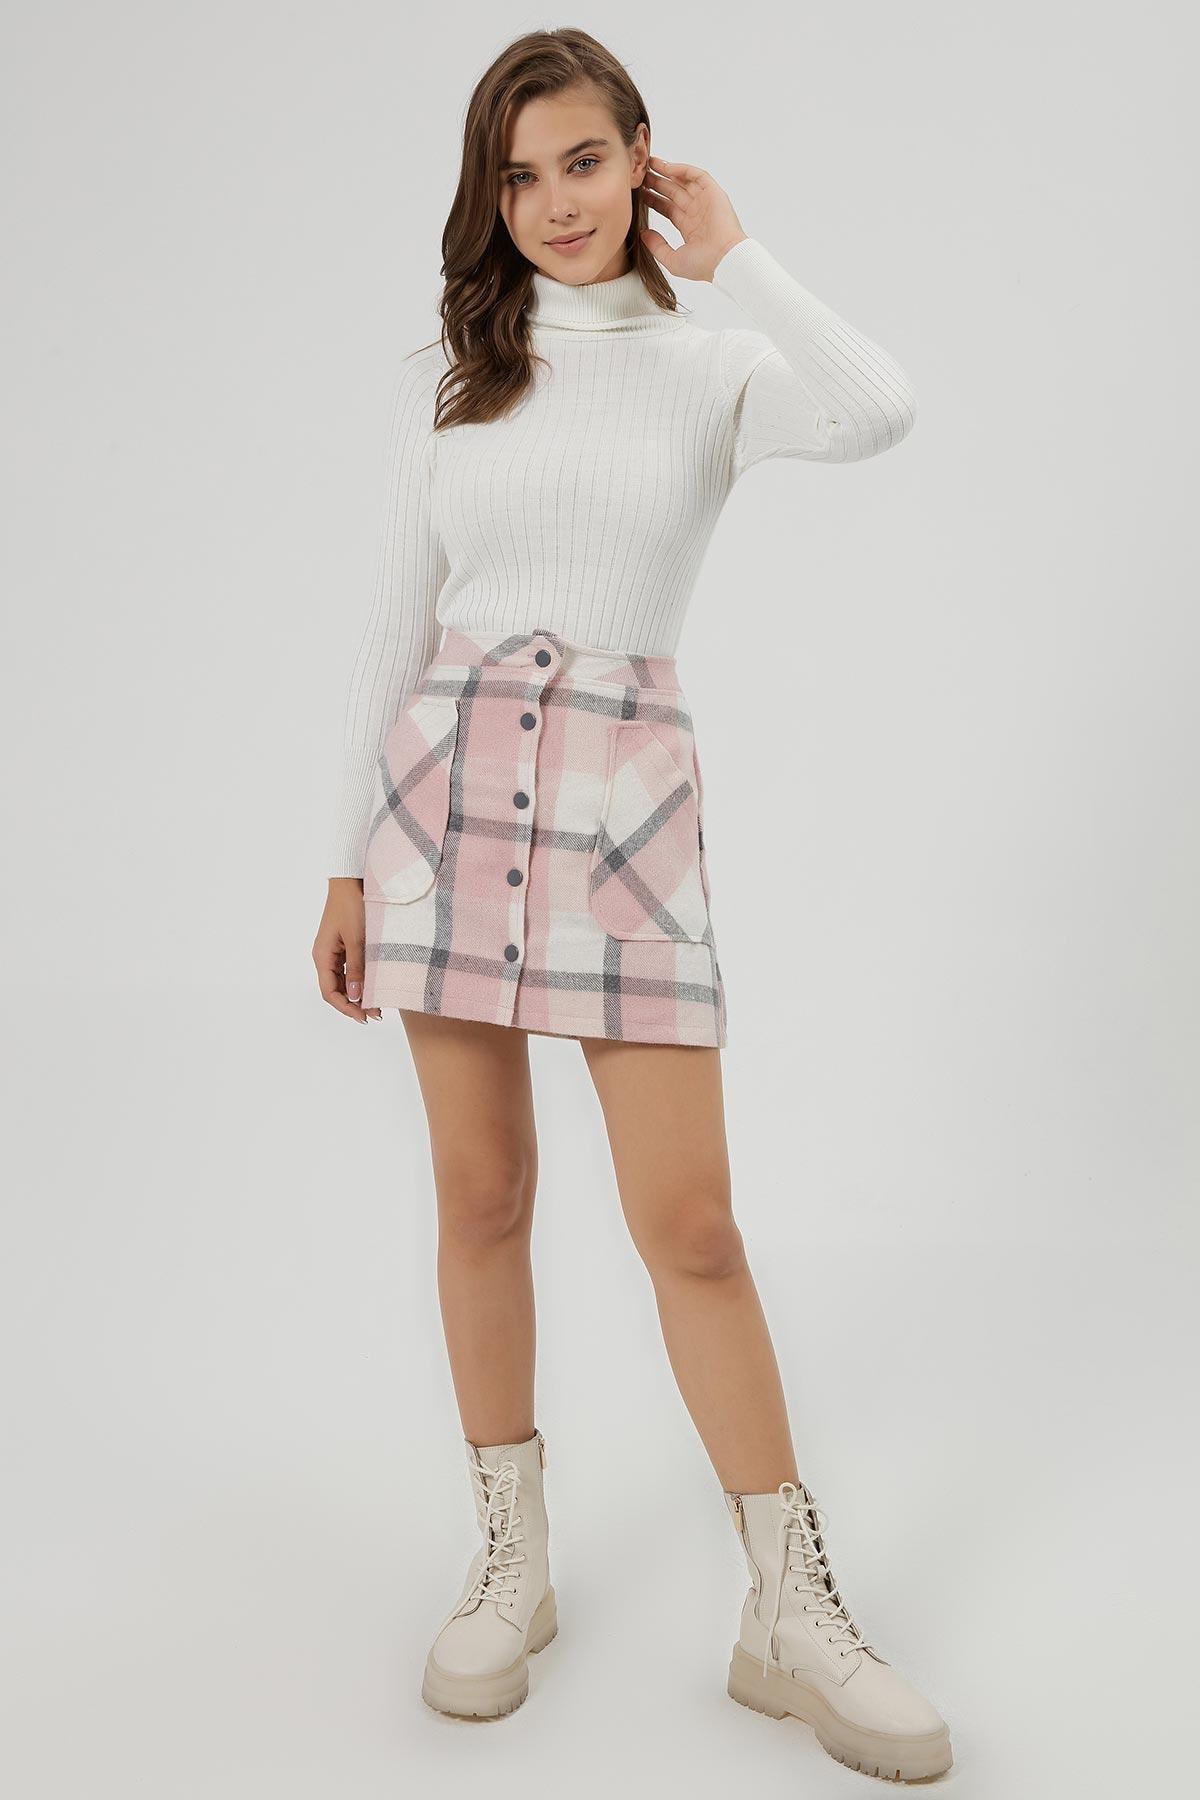 Y-London Kadın Pembe Beyaz Ekoseli Cep Detaylı Mini Etek Y20W166-4018 1